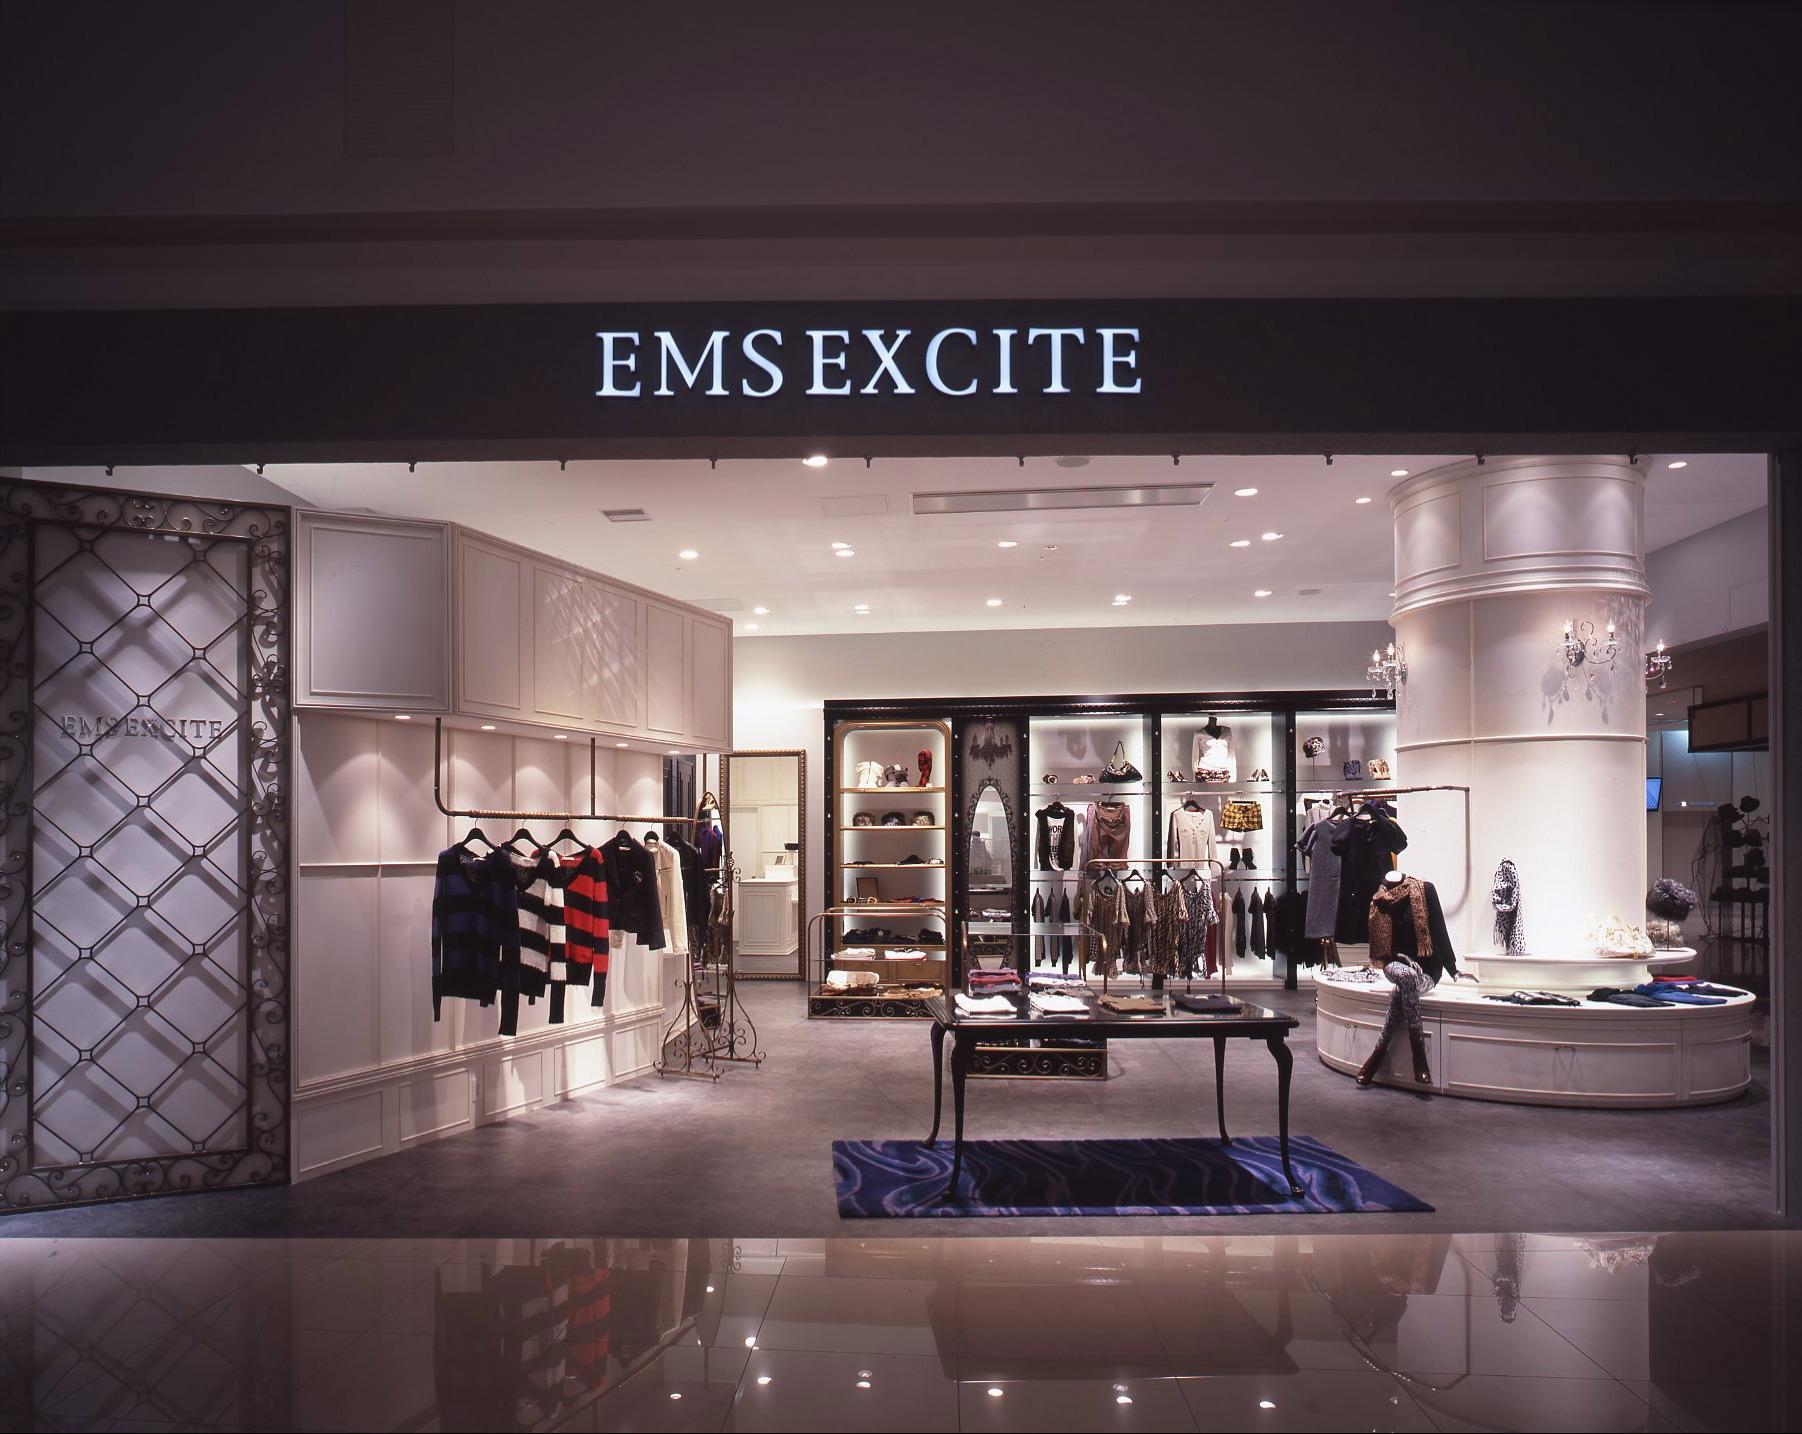 EMS EXCITE